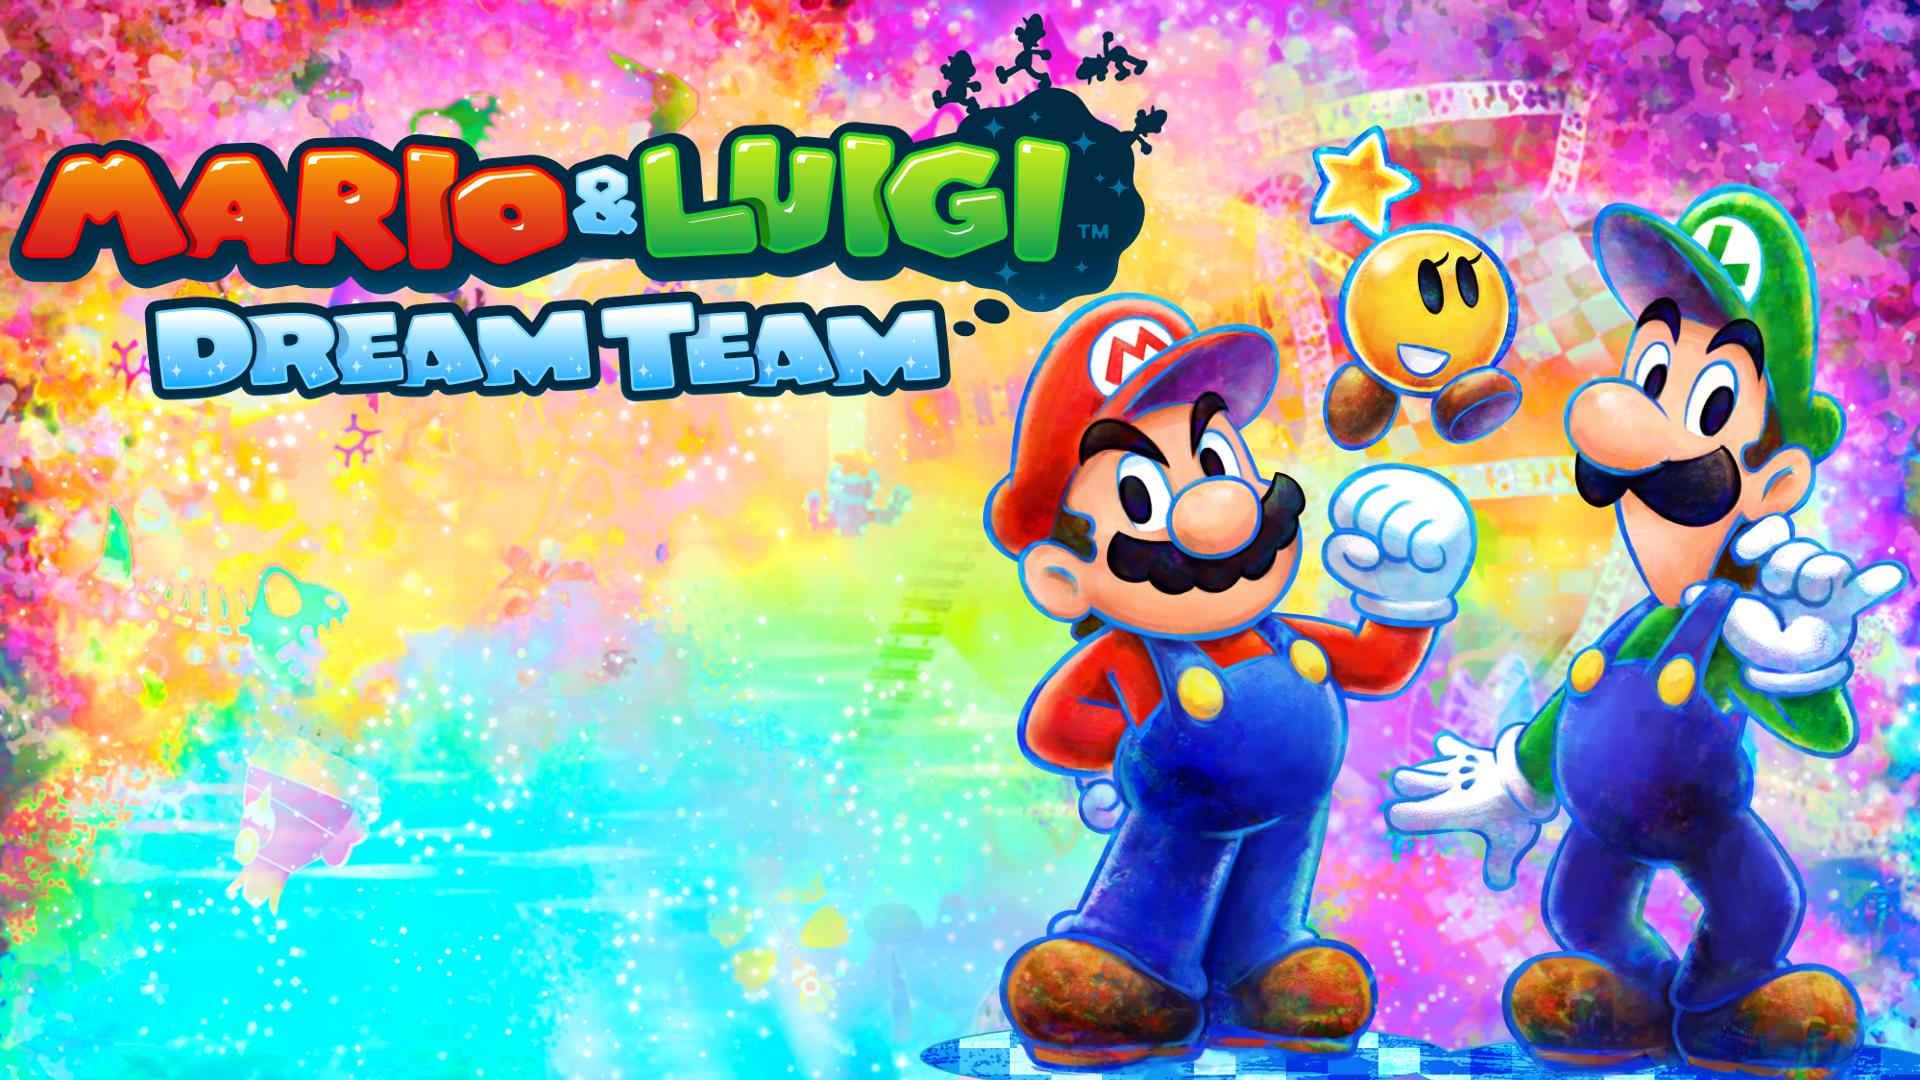 mario and luigi team